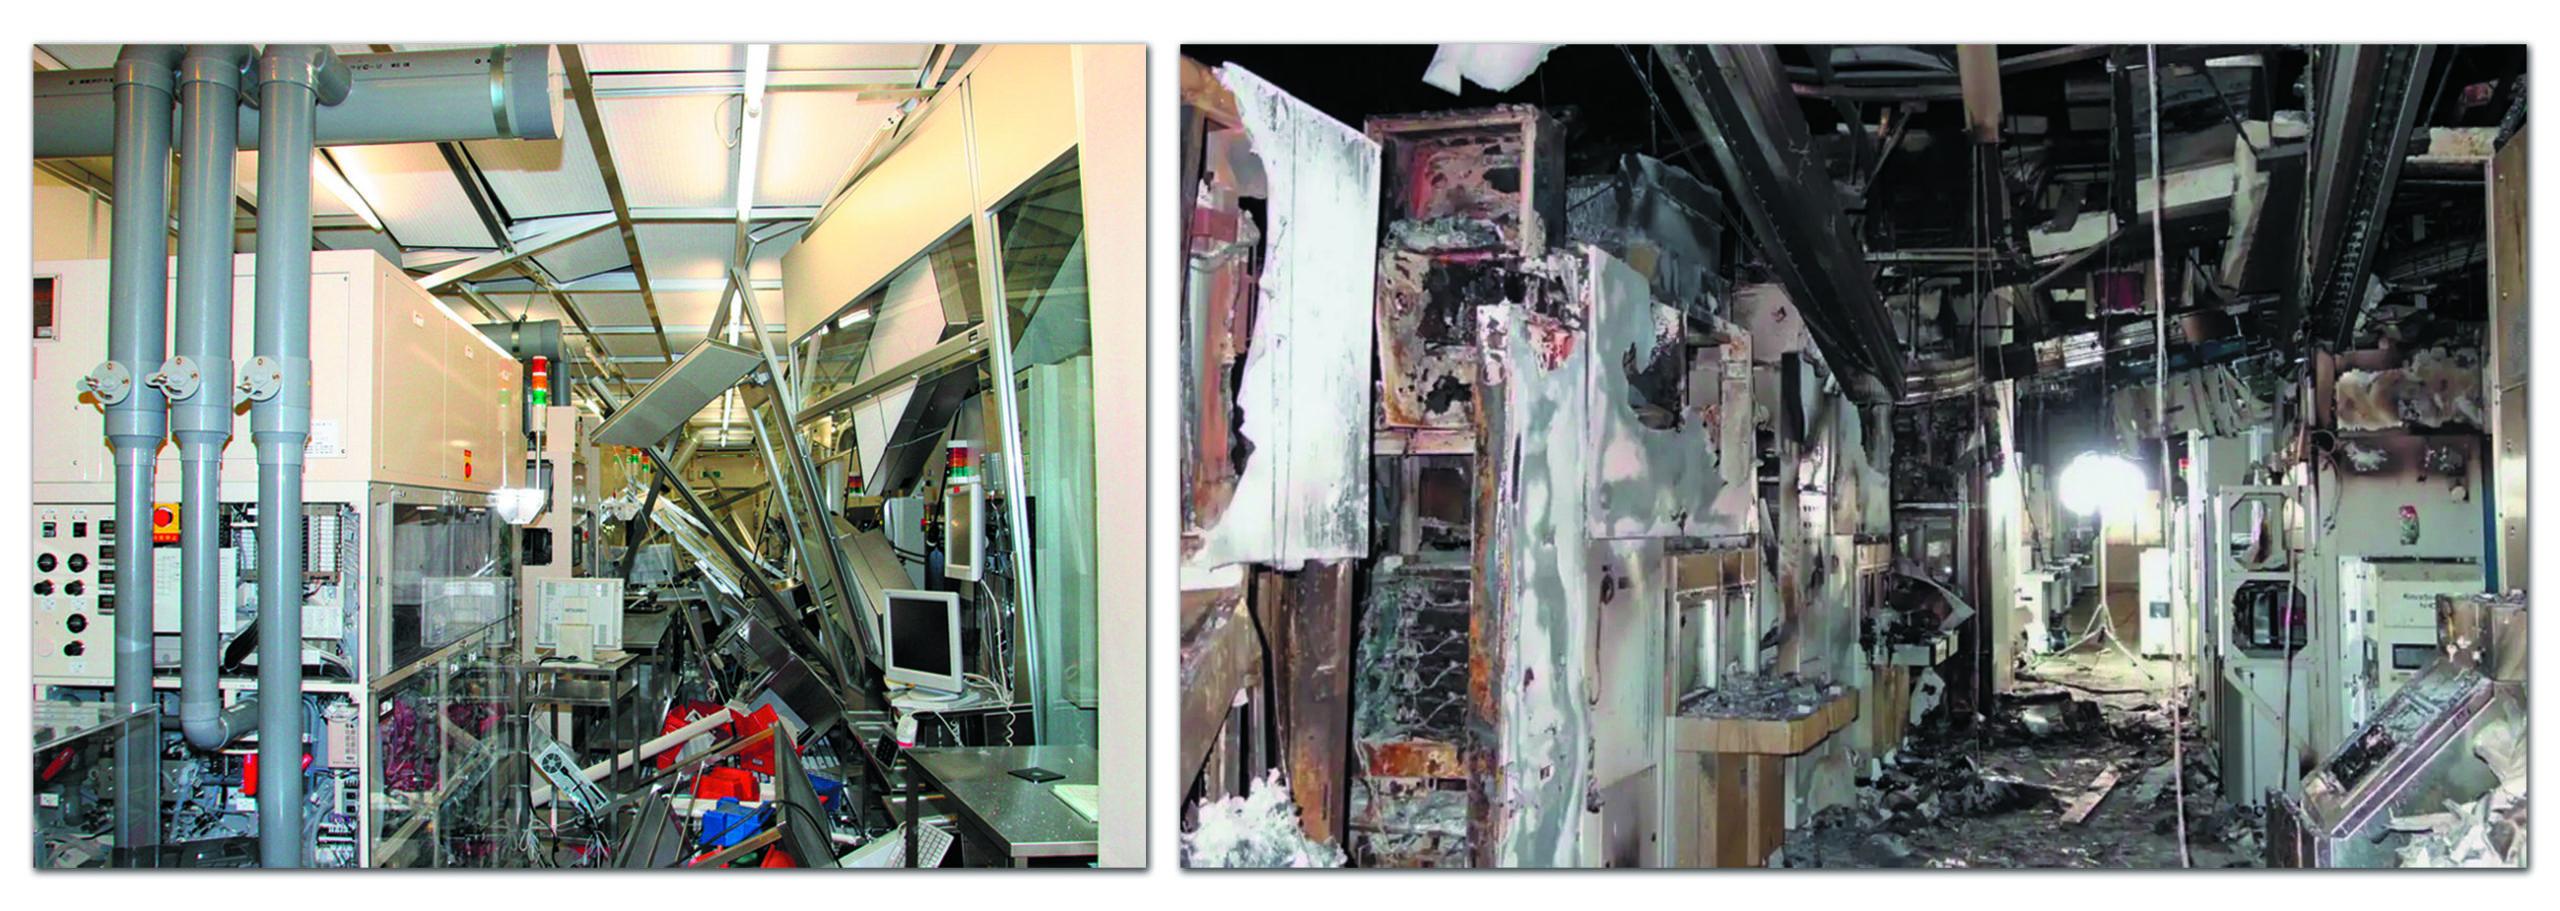 «Чистая комната» завода Renesas Electronics в городе Нака в марте 2011 и в марте 2021 года